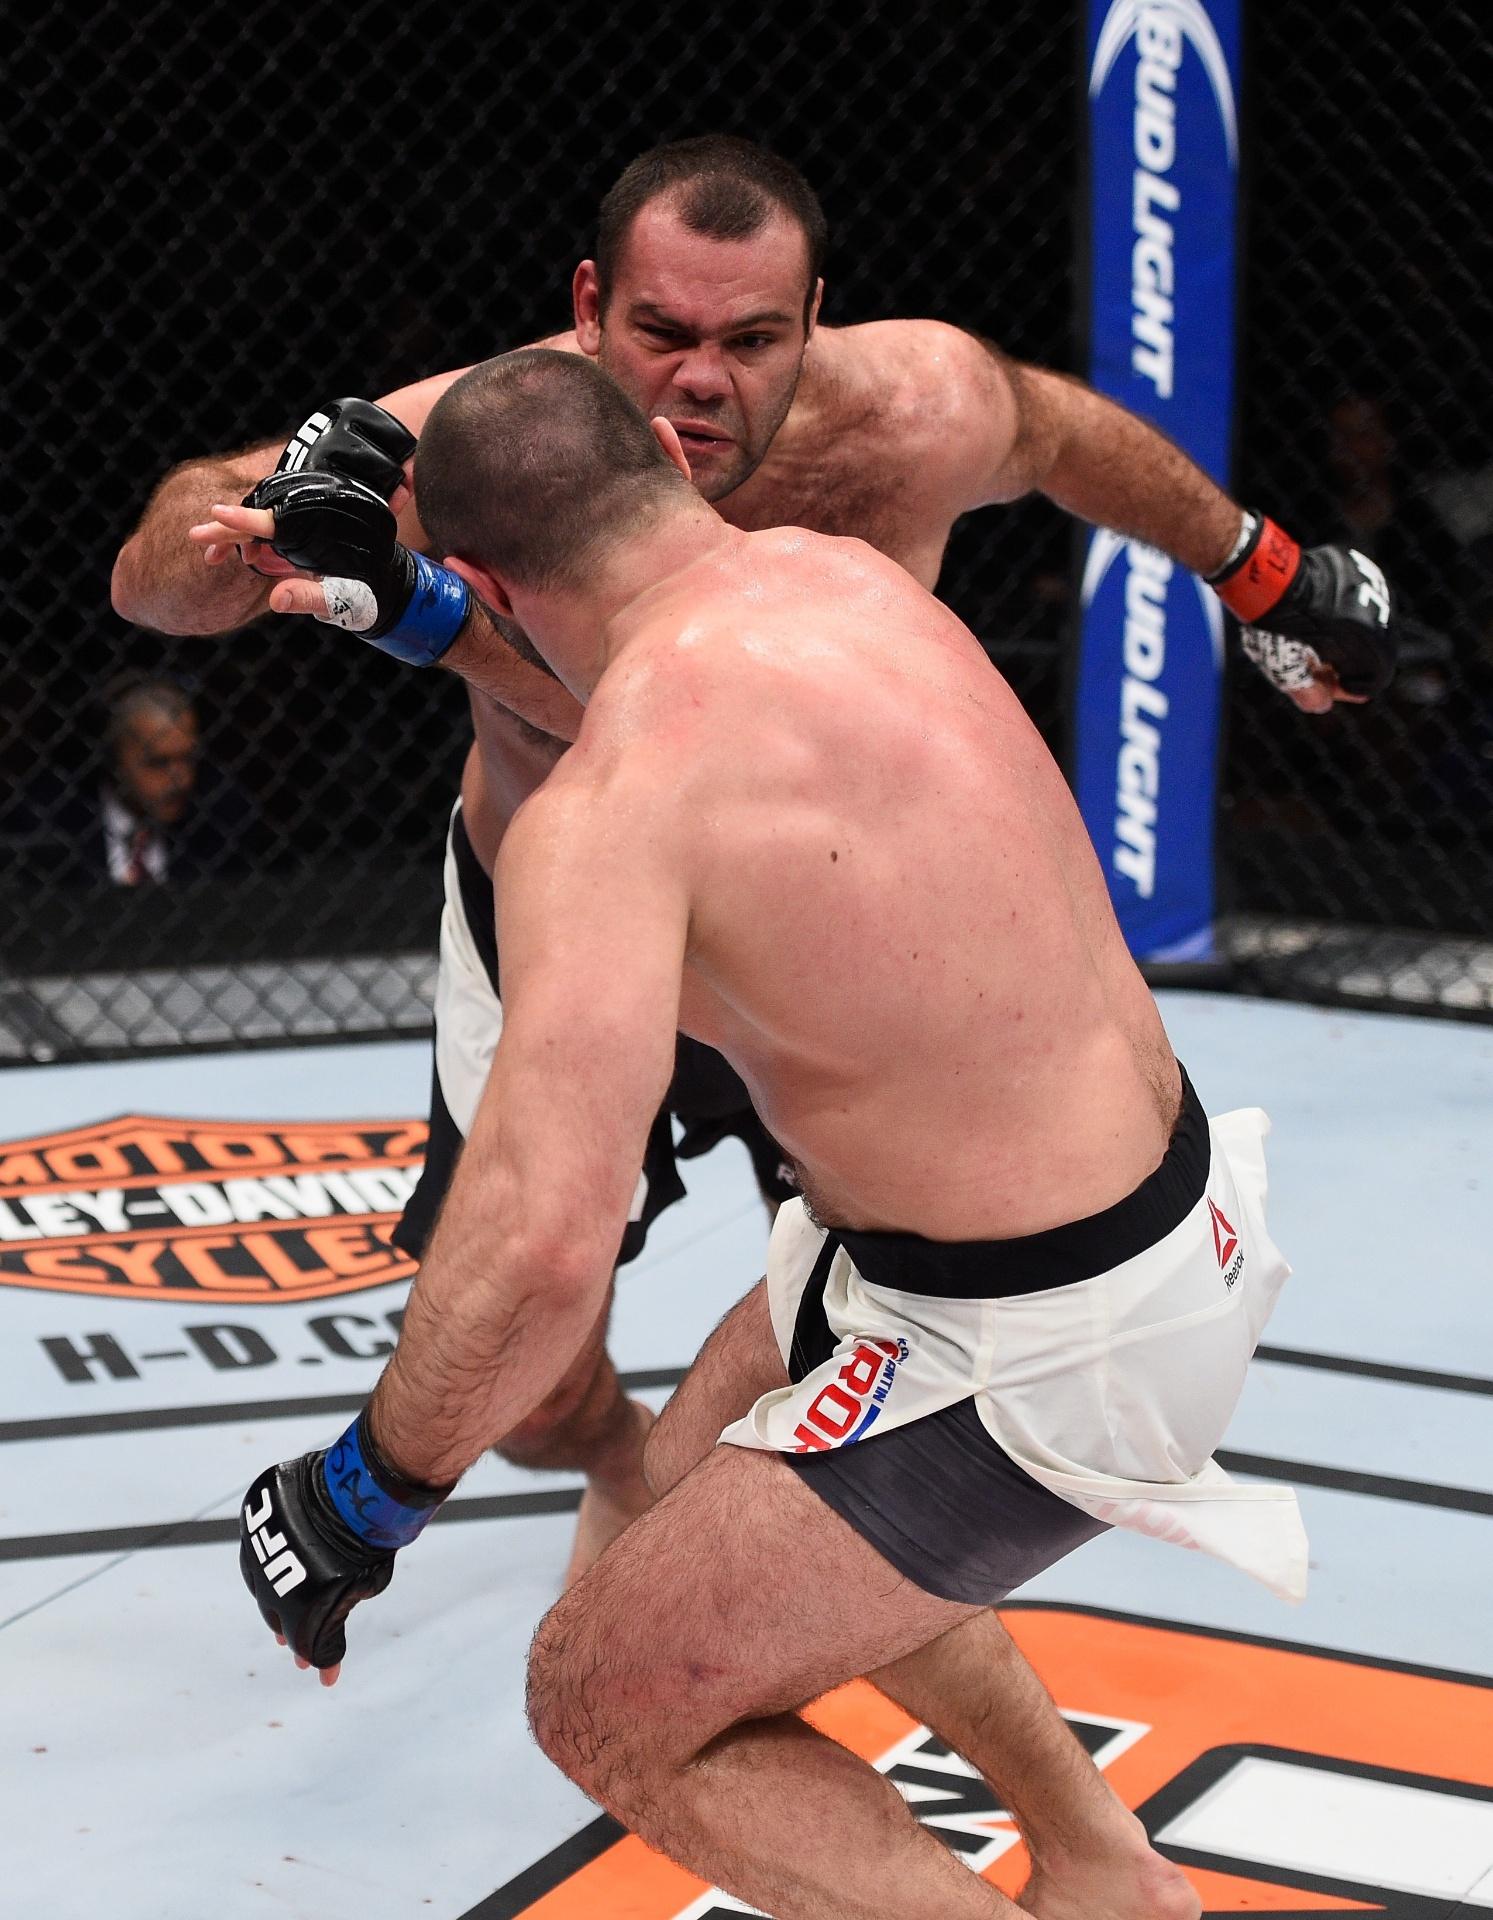 Gabriel Napão venceu no TUF 22 Finale e afastou risco de ser demitido do UFC